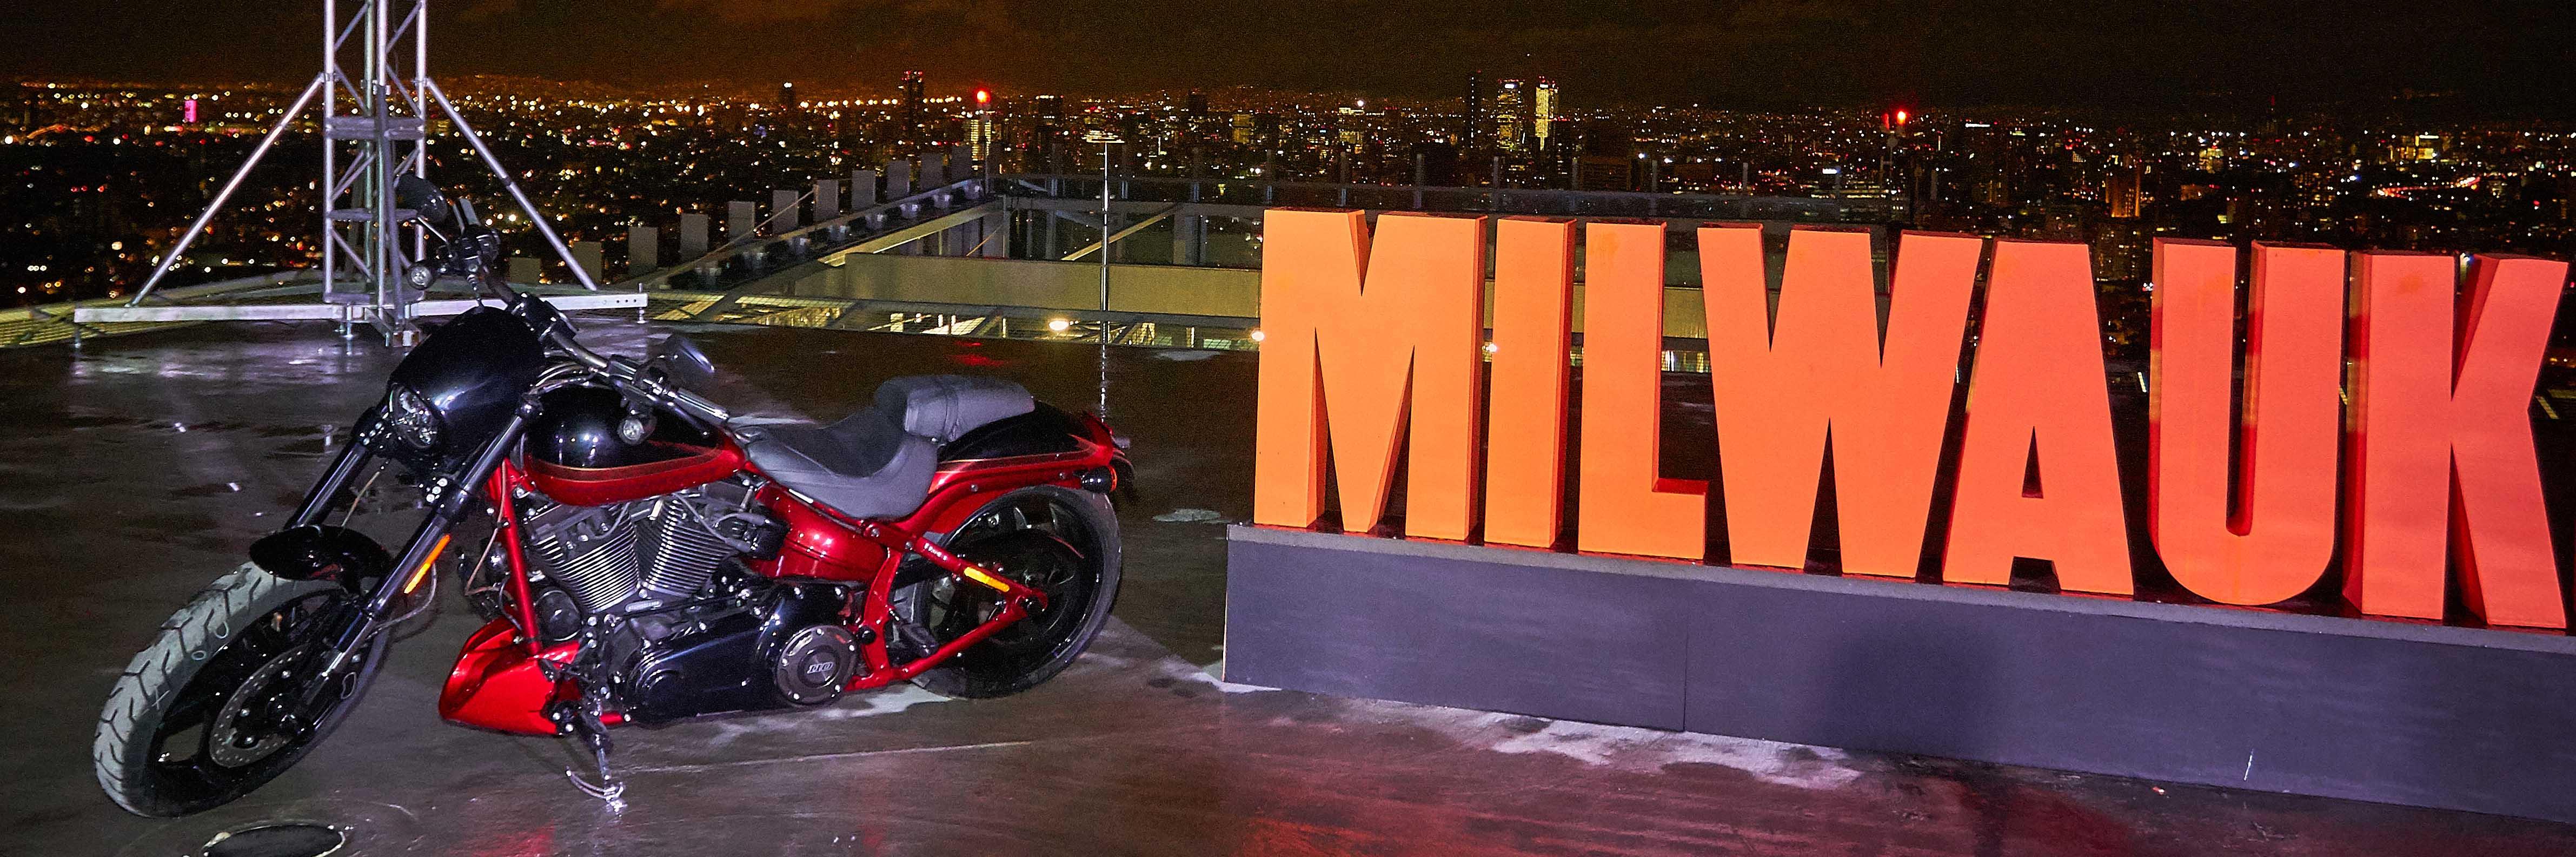 Harley-Davidson un lanzamiento de altura.